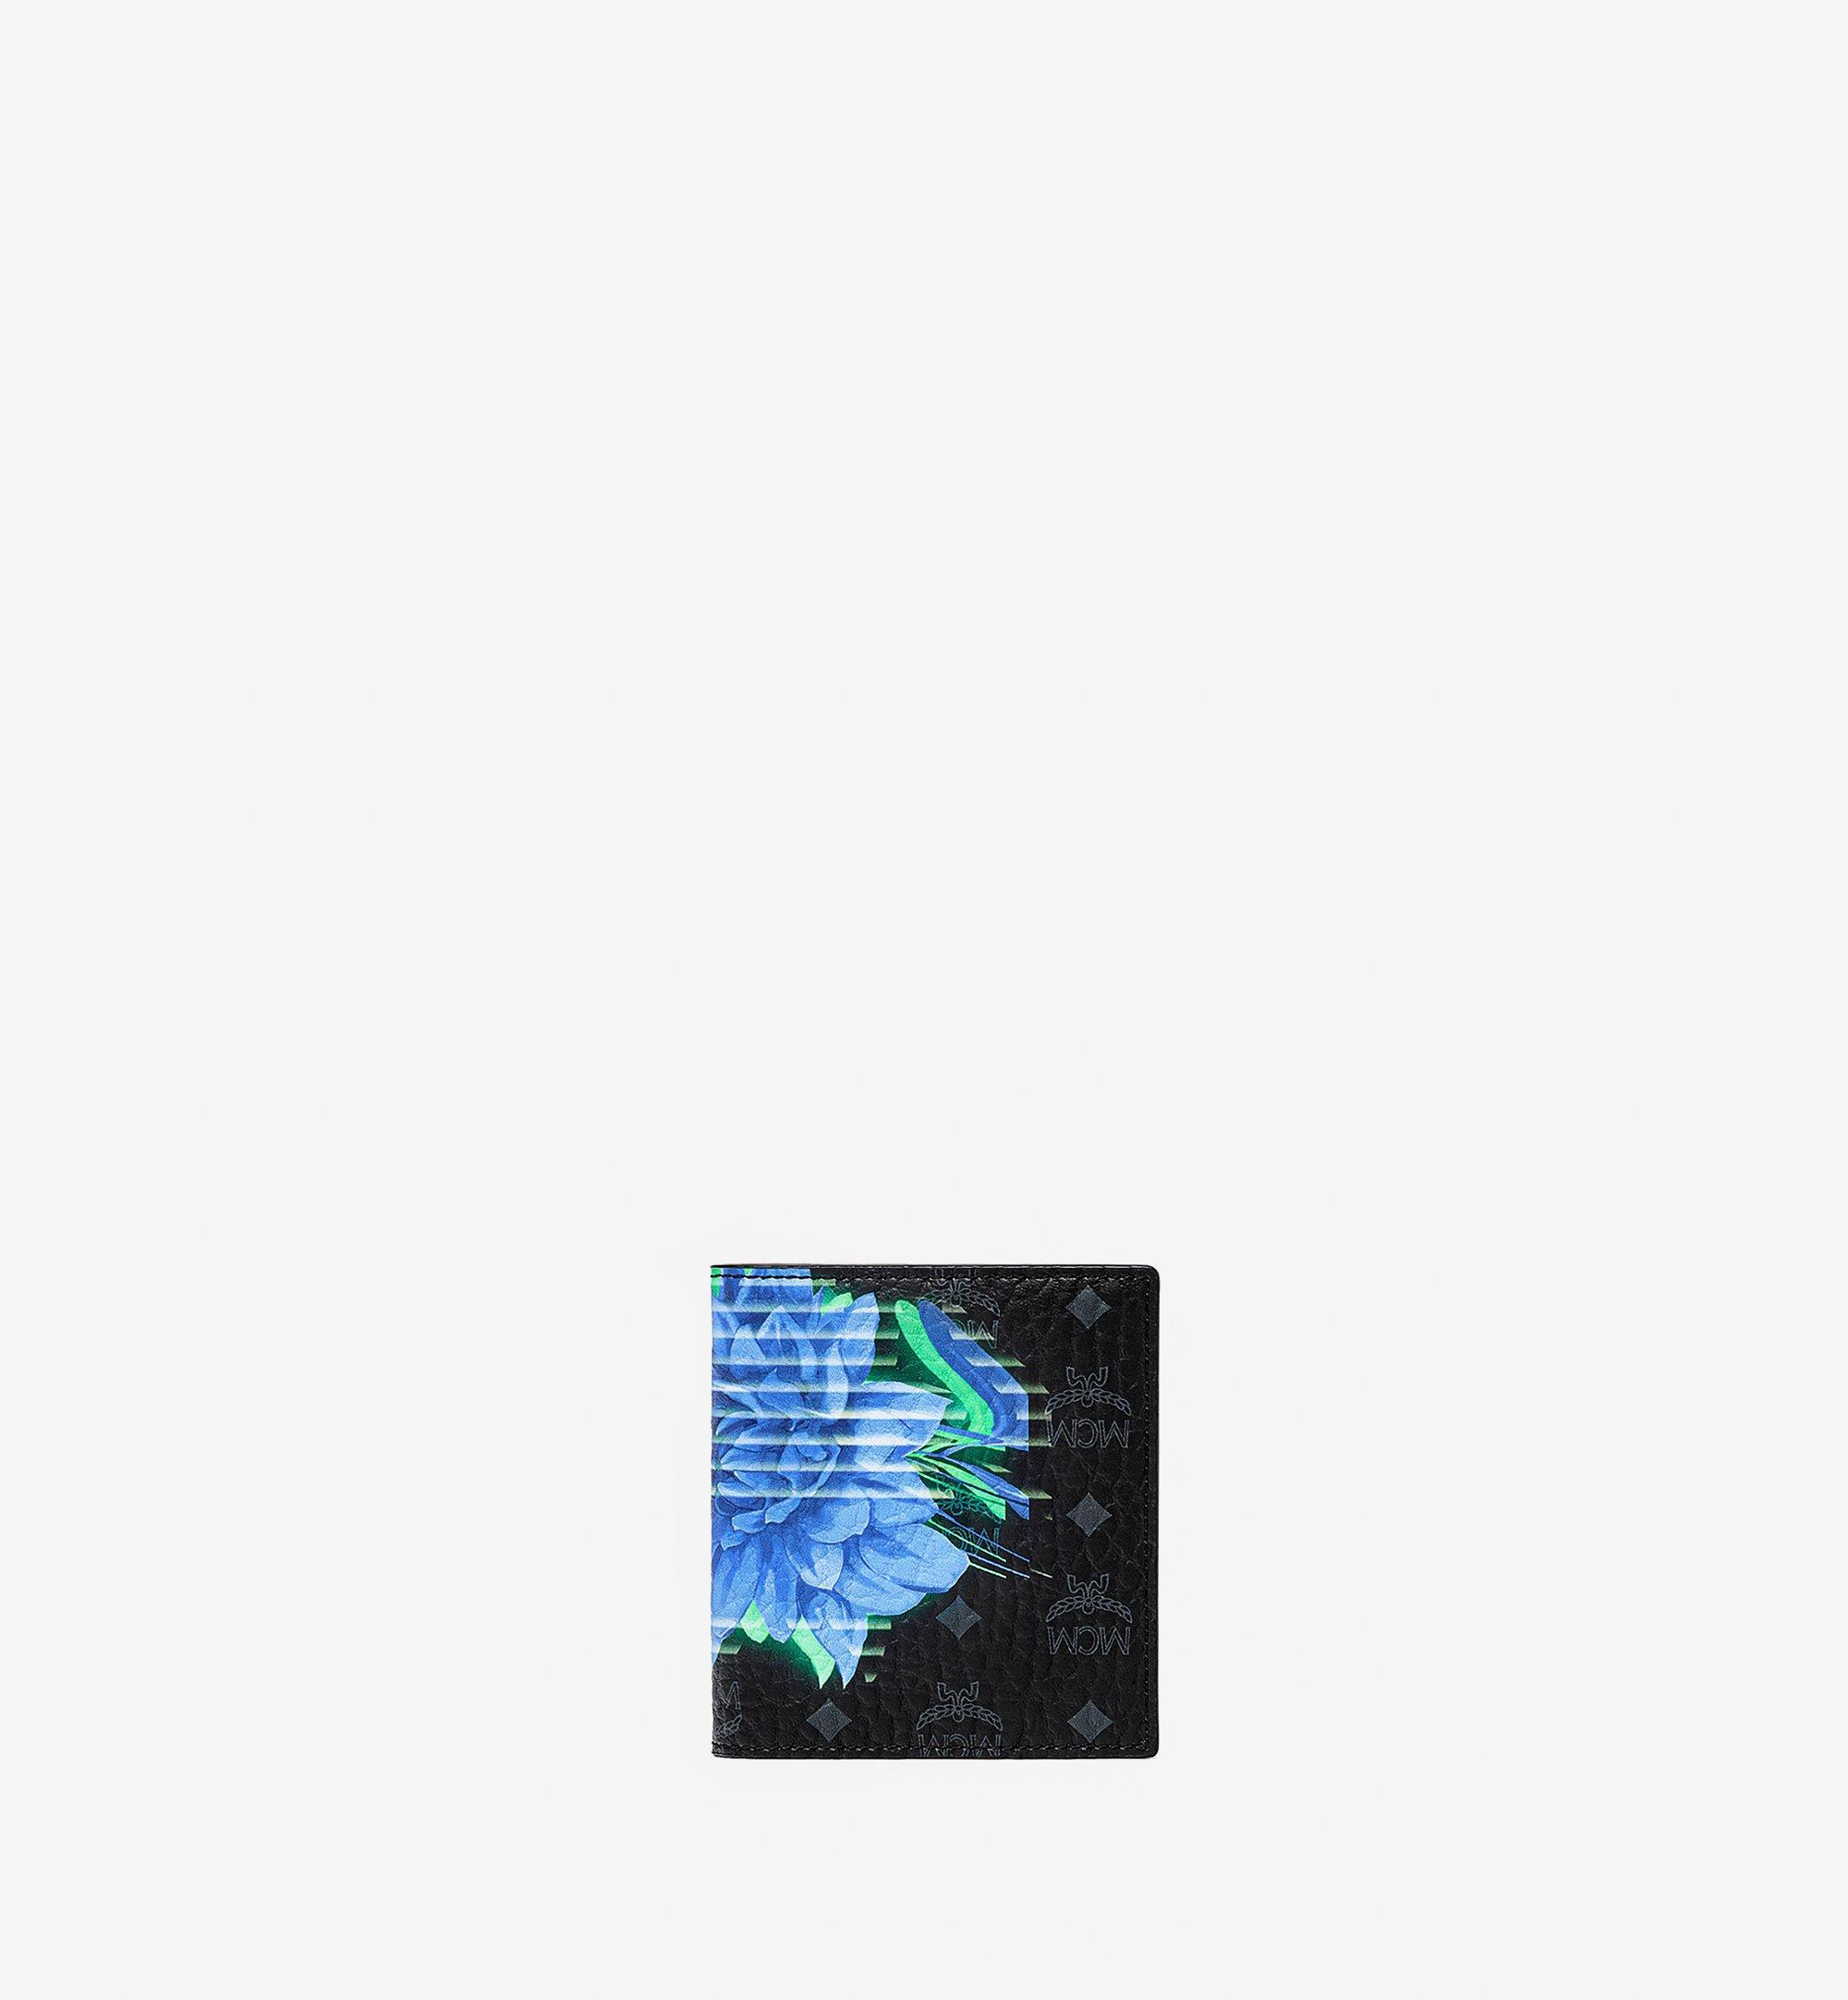 MCM 二つ折り カードウォレット - テックフラワー ヴィセトス Black MXABSSX01BK001 ほかの角度から見る 1